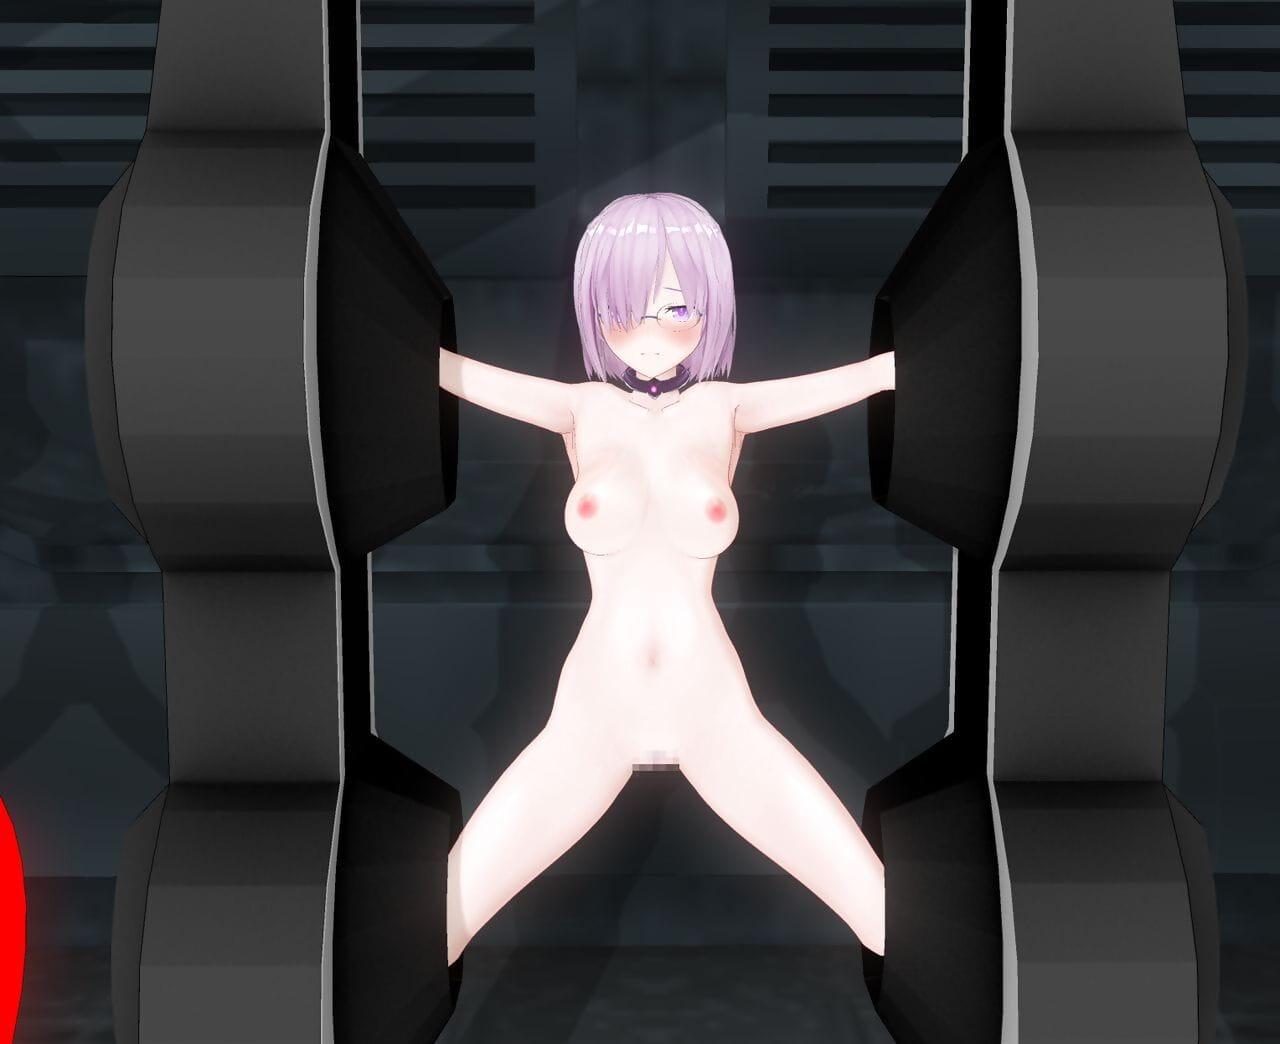 汁 サーヴァント加工施設 Fate/Grand Operation